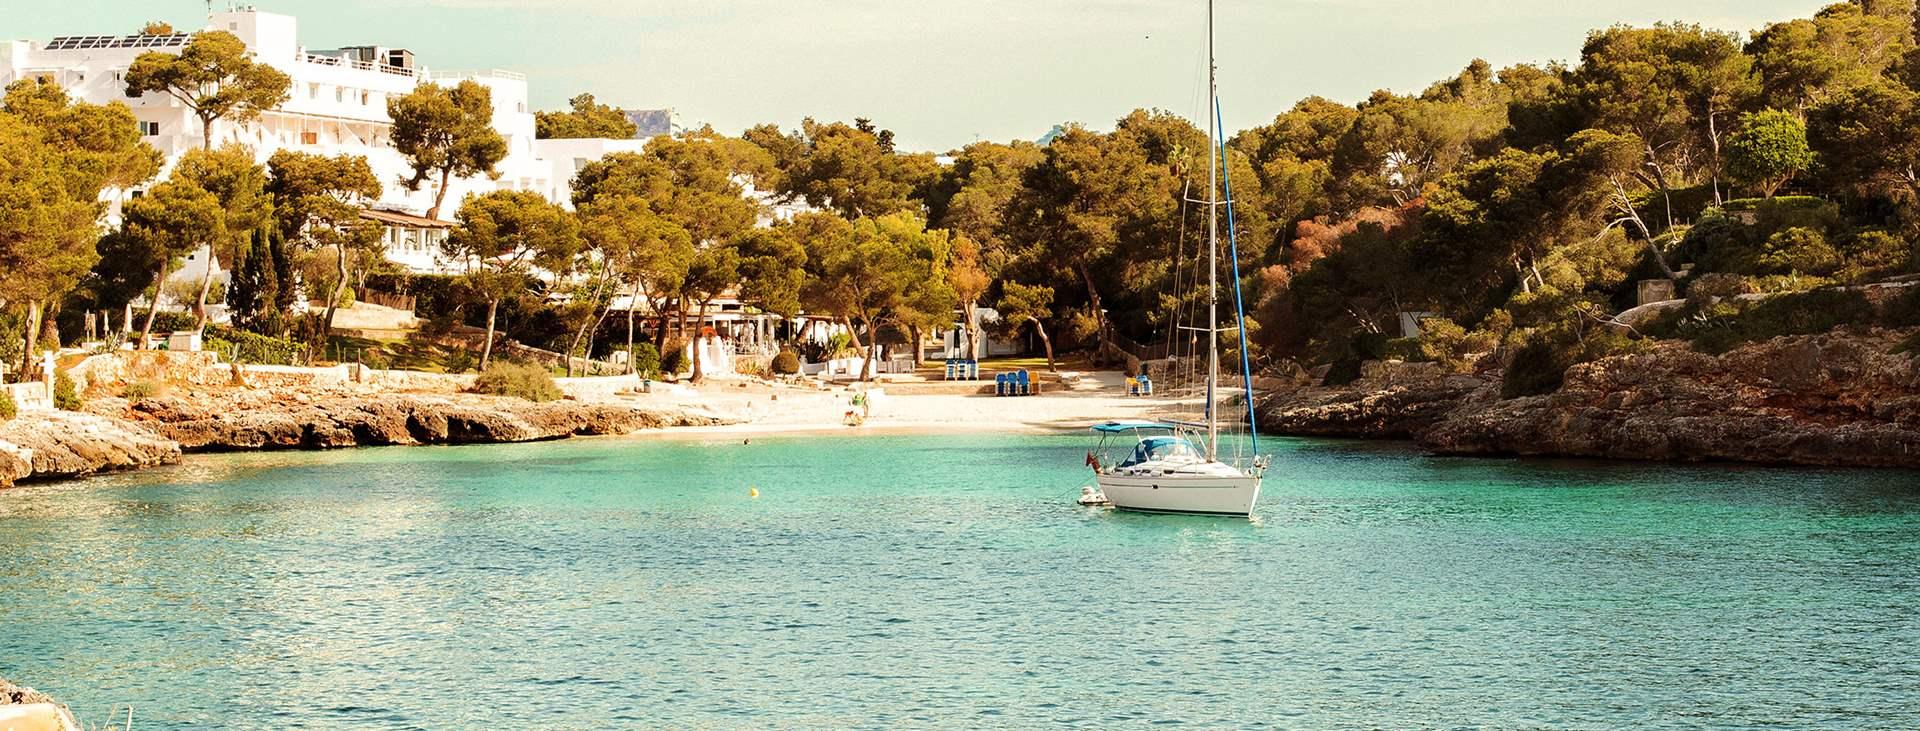 Boka din resa till Cala d´Or på Mallorca med Ving